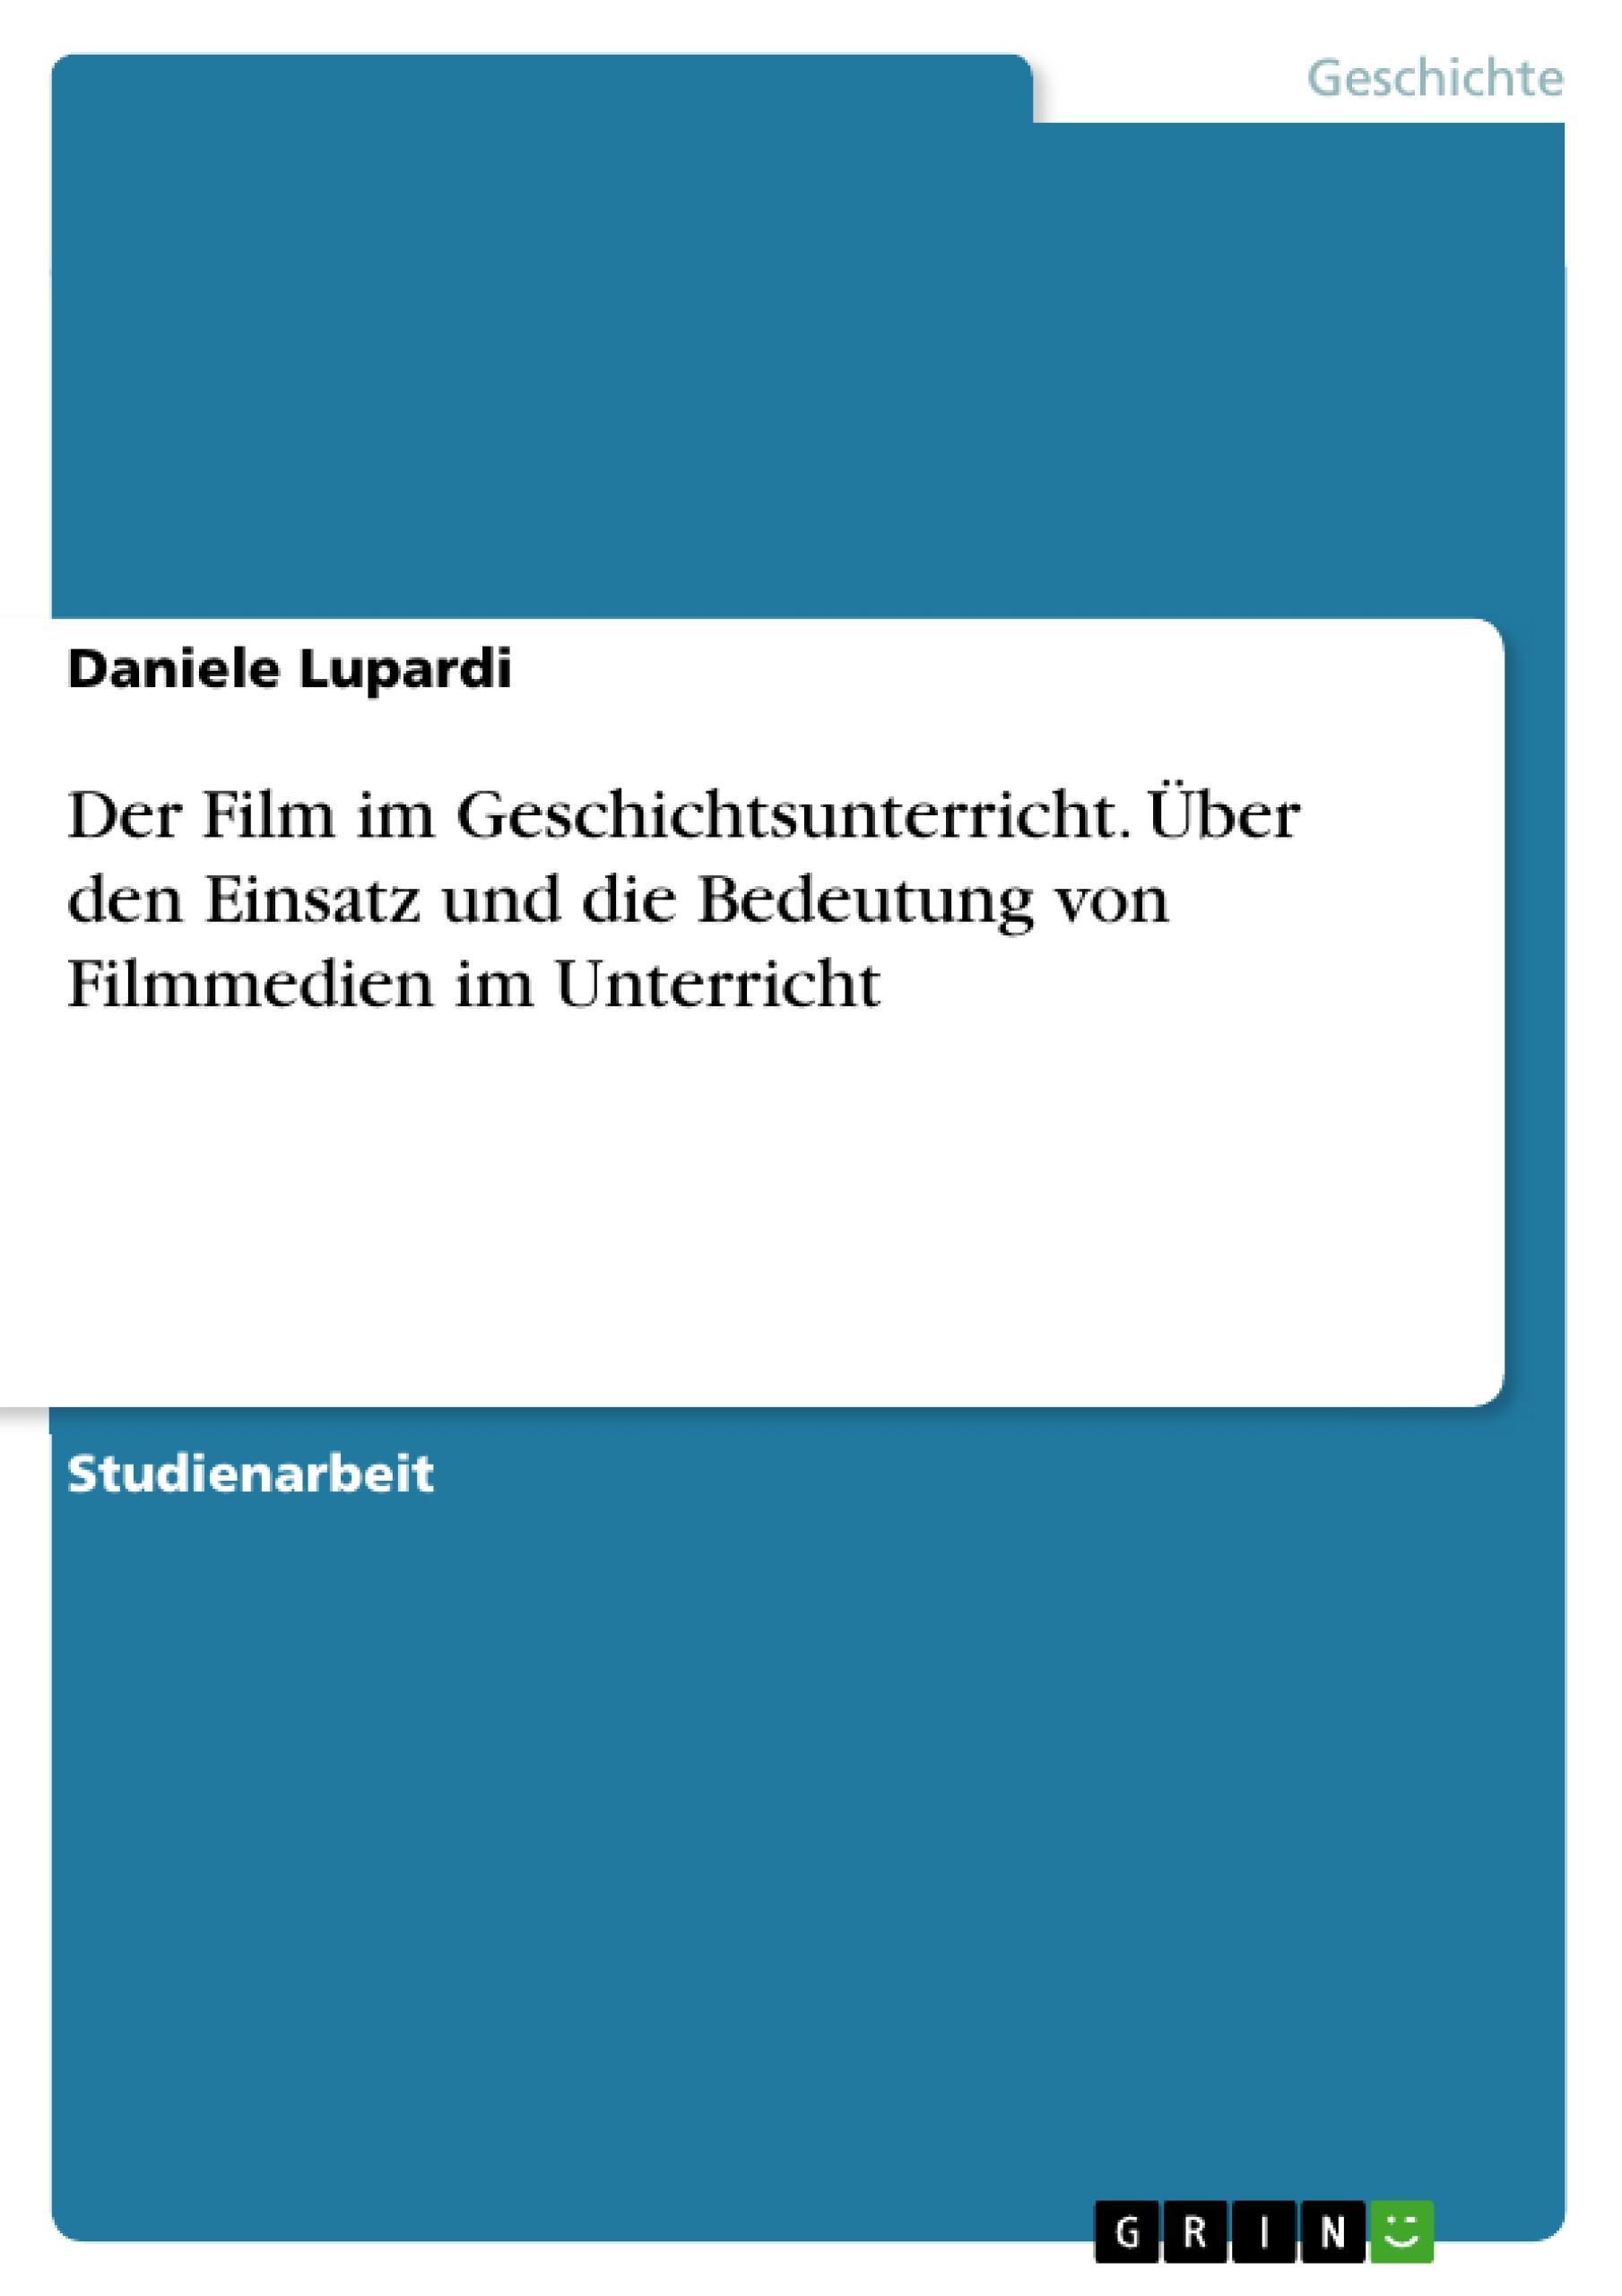 Der Film im Geschichtsunterricht. Über den Einsatz und die Bedeutung von Fi ...